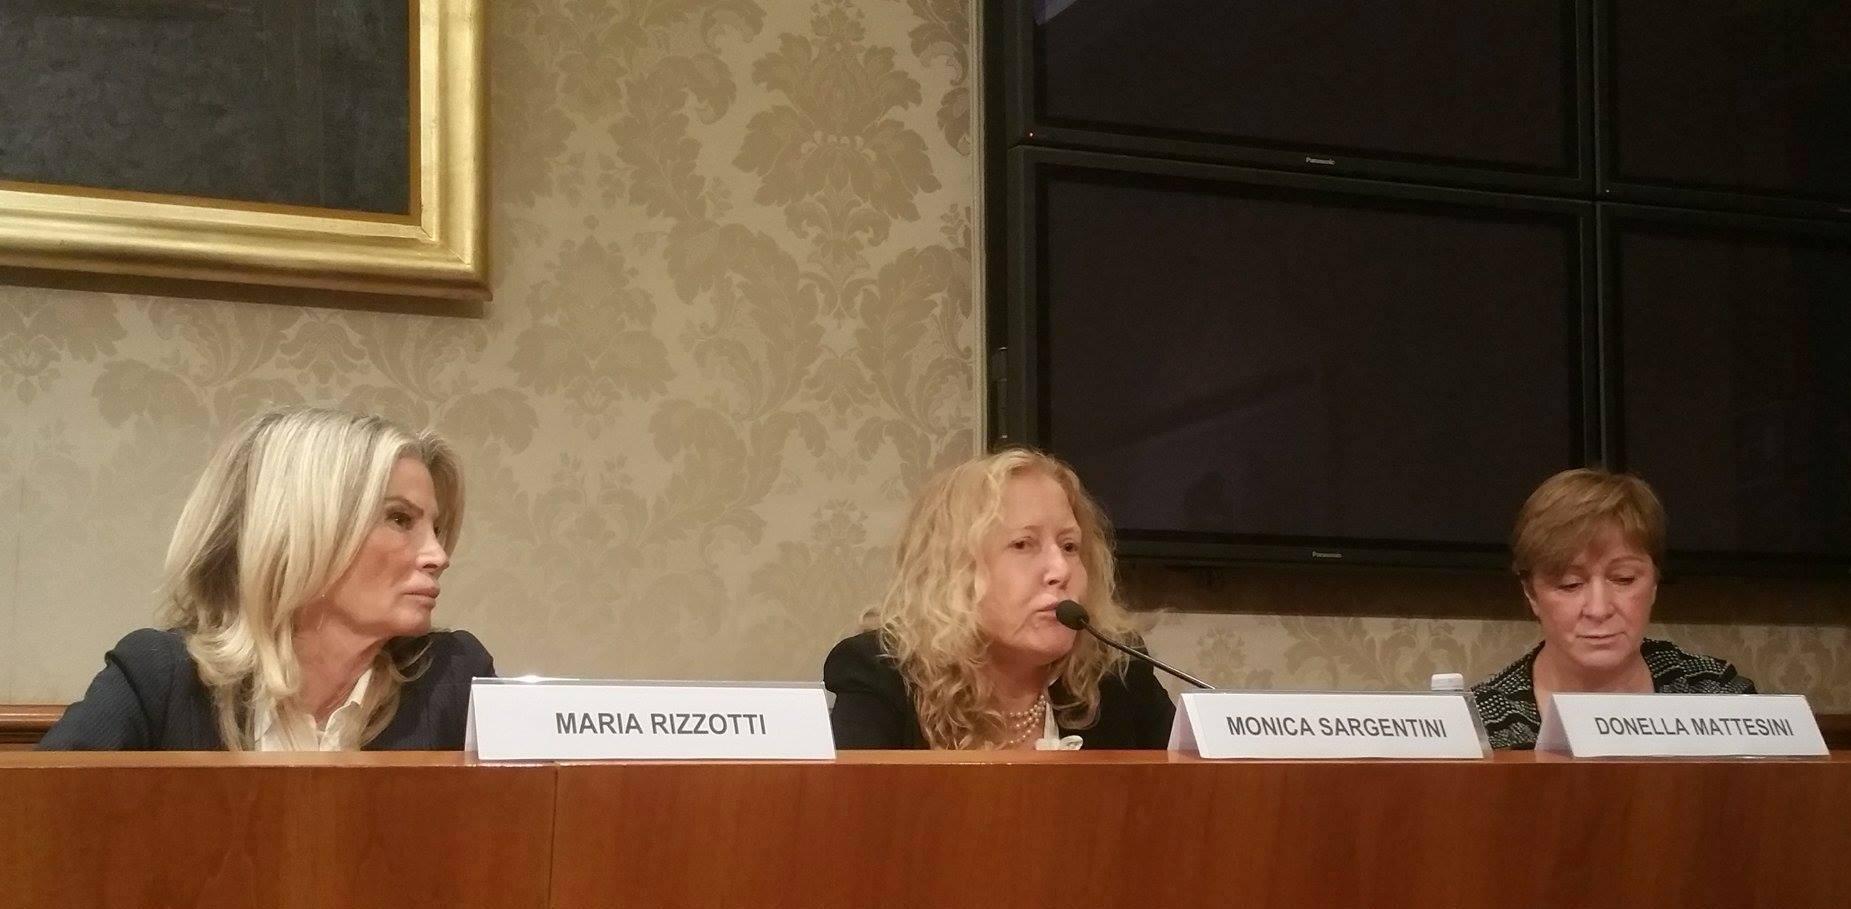 Da Forza Italia al Pd: uniti contro la maternità surrogata